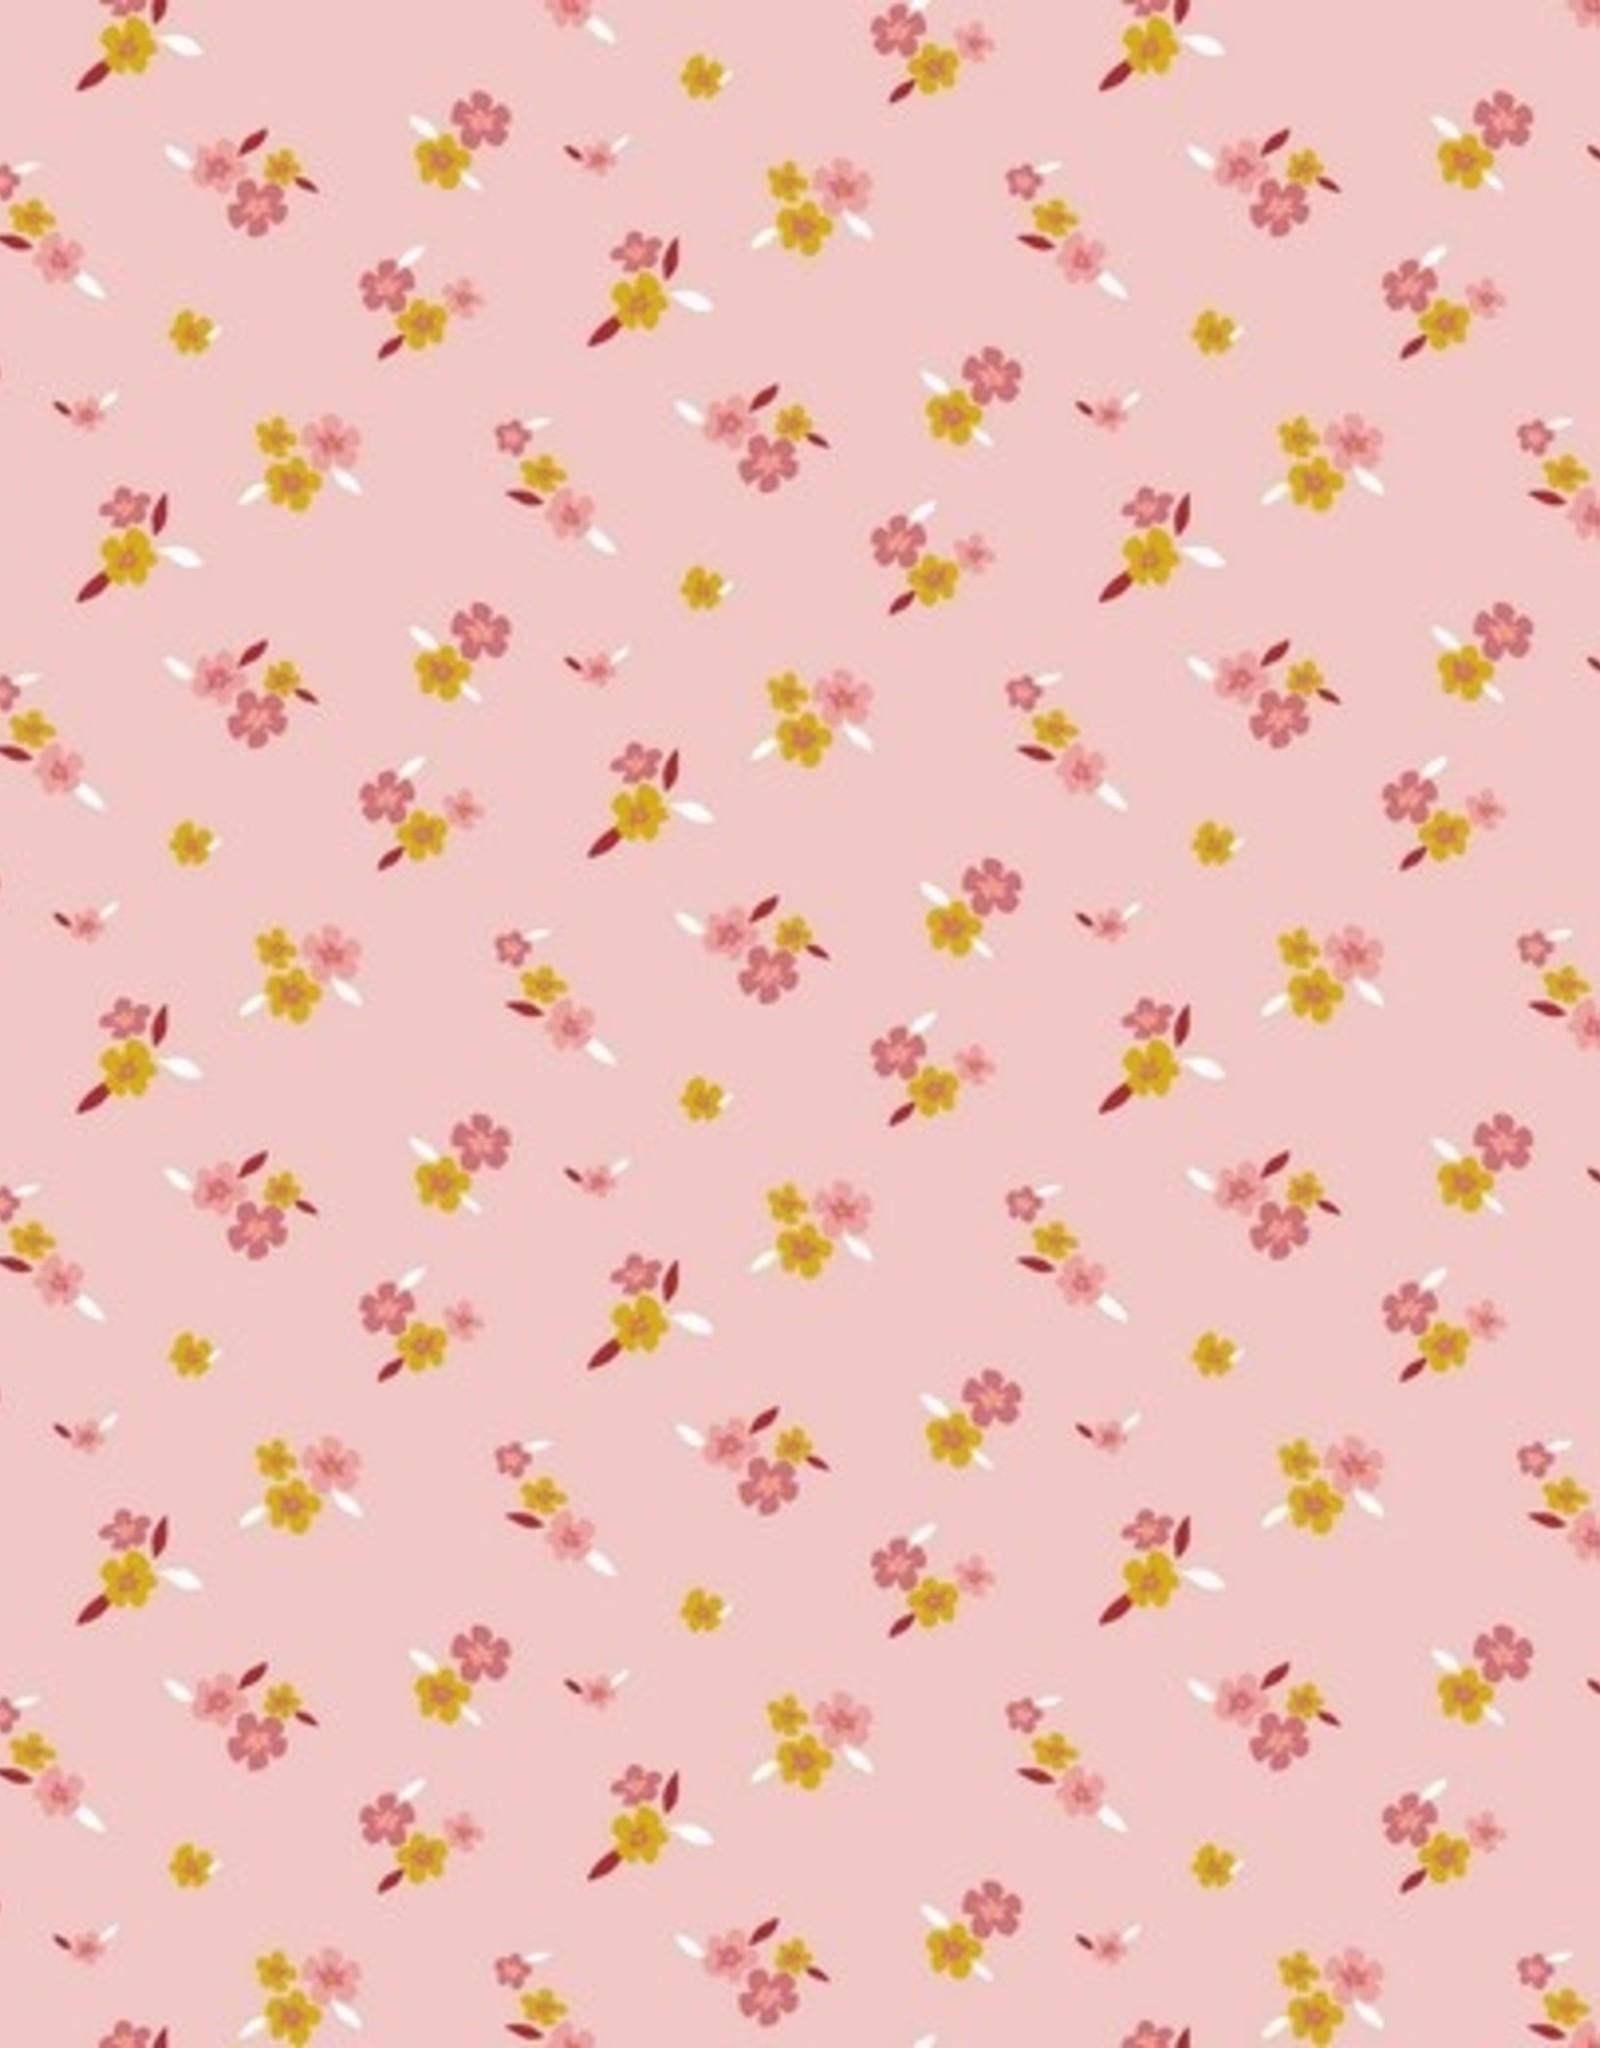 Poppy Lovely flowers rose